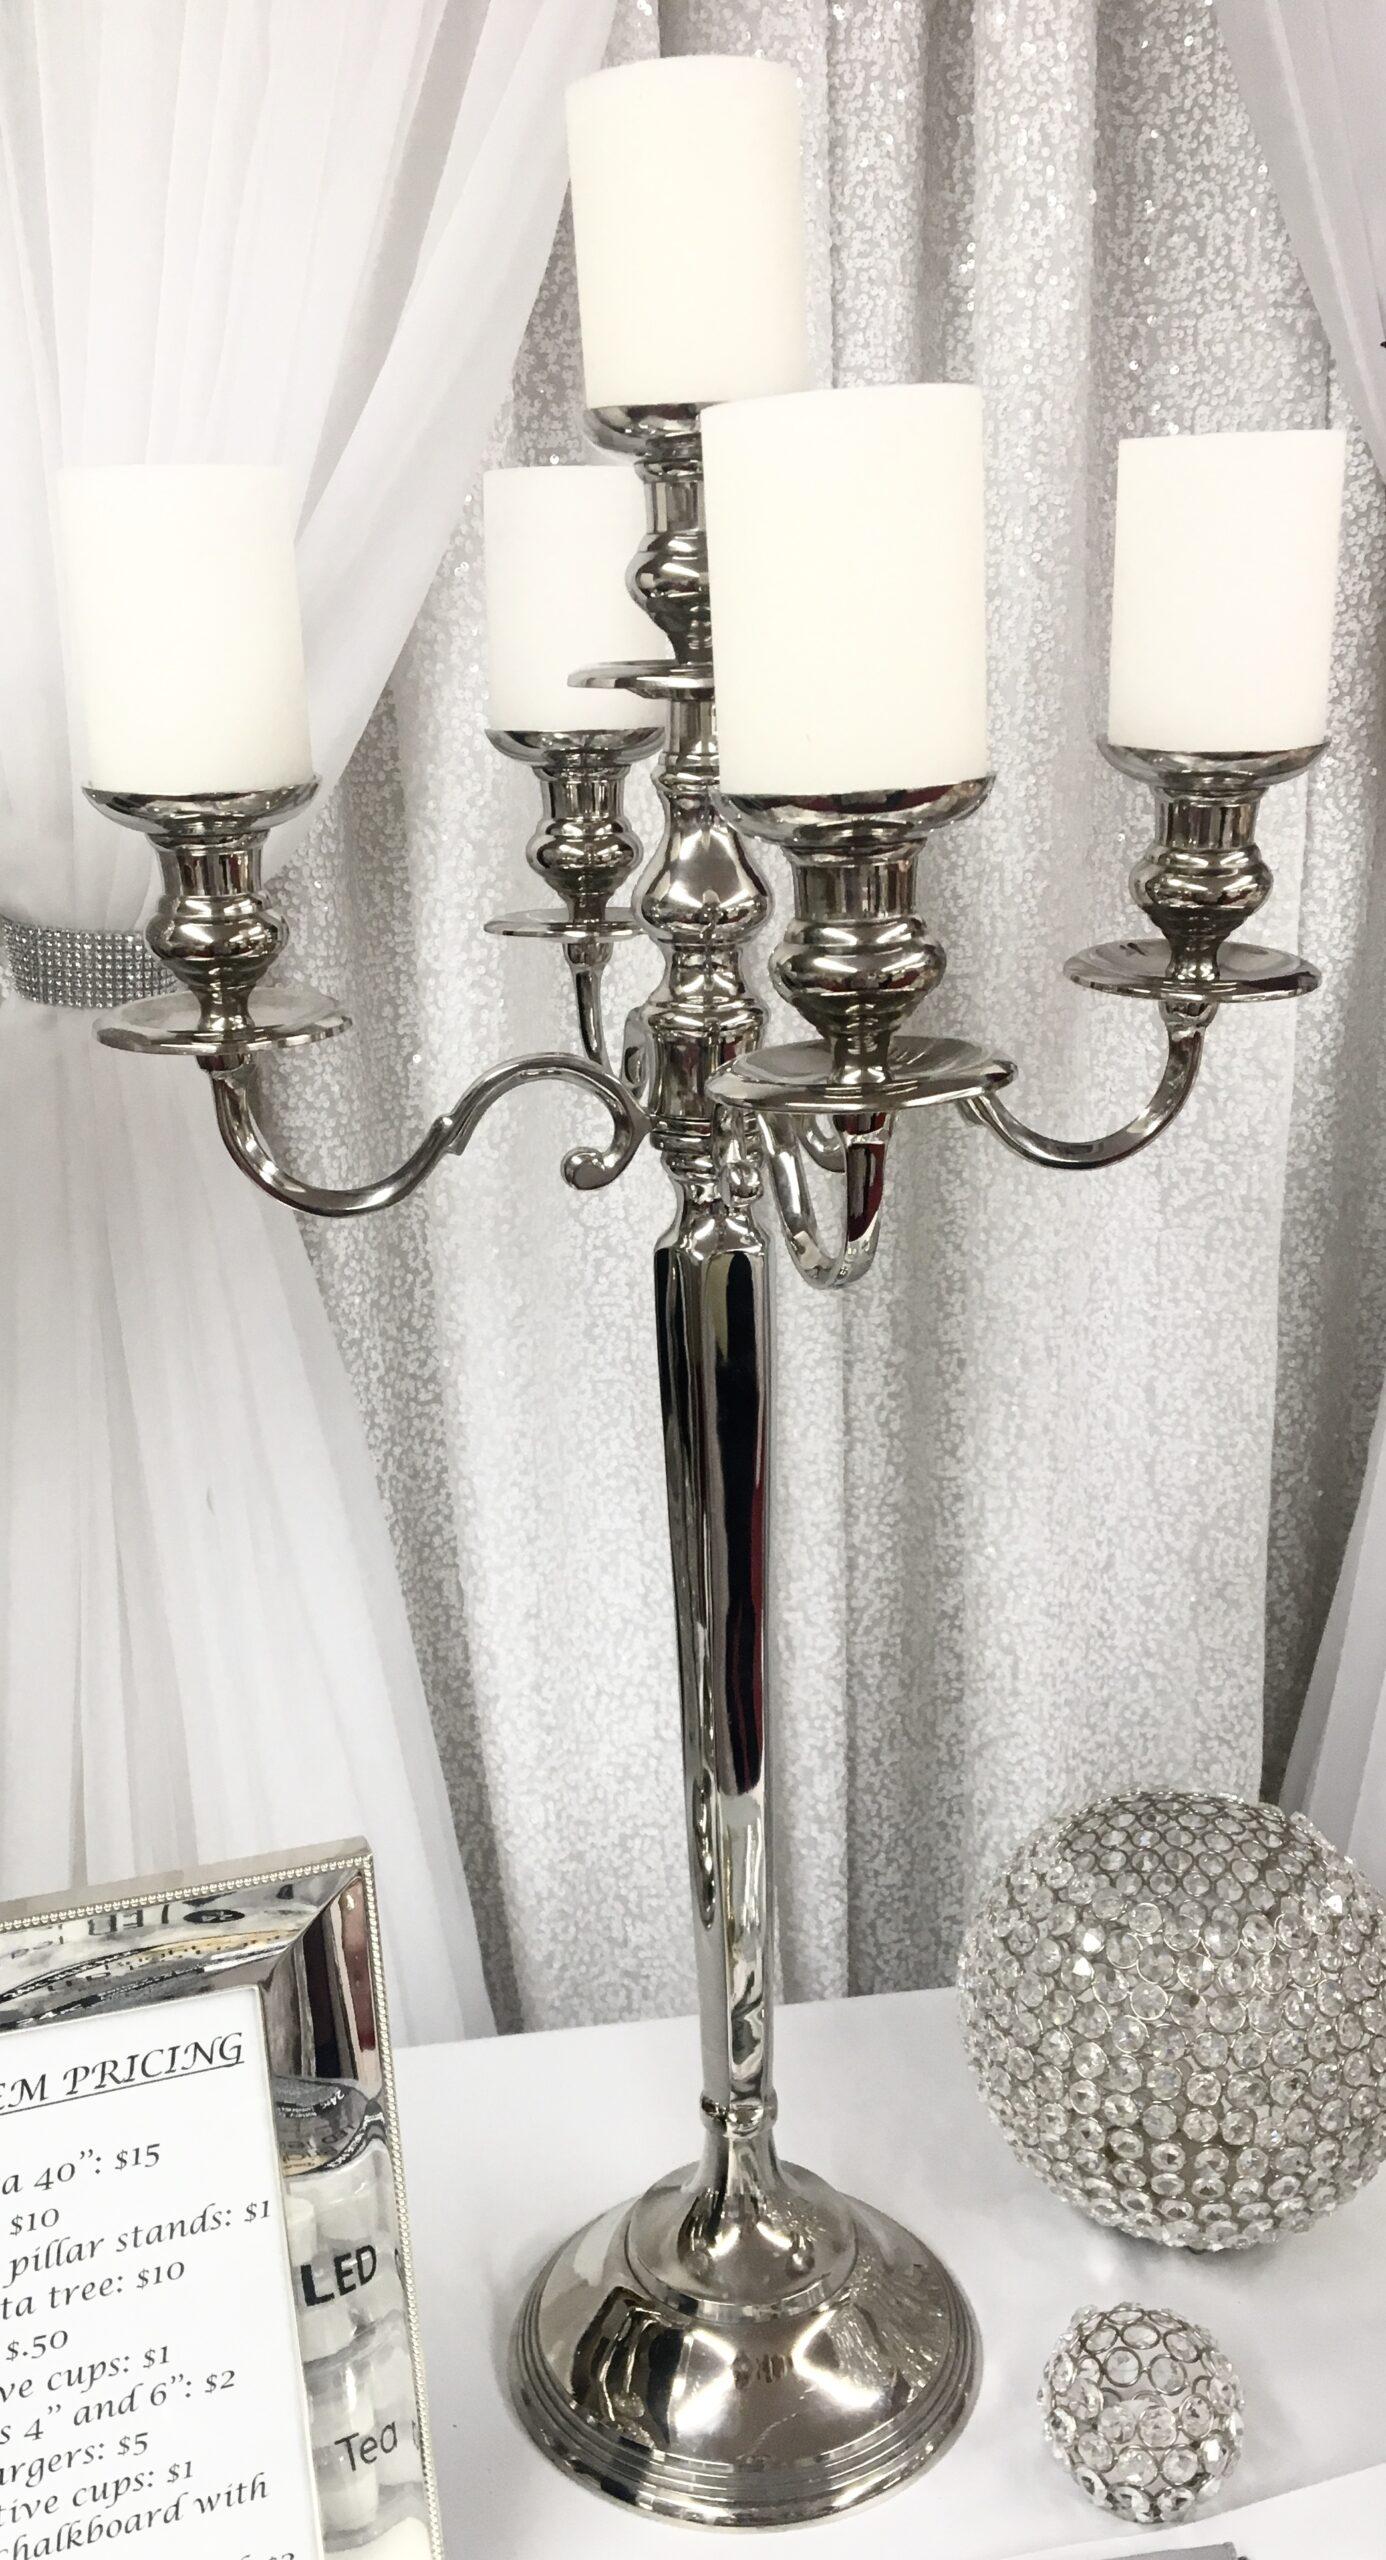 Silver Candelabra Image